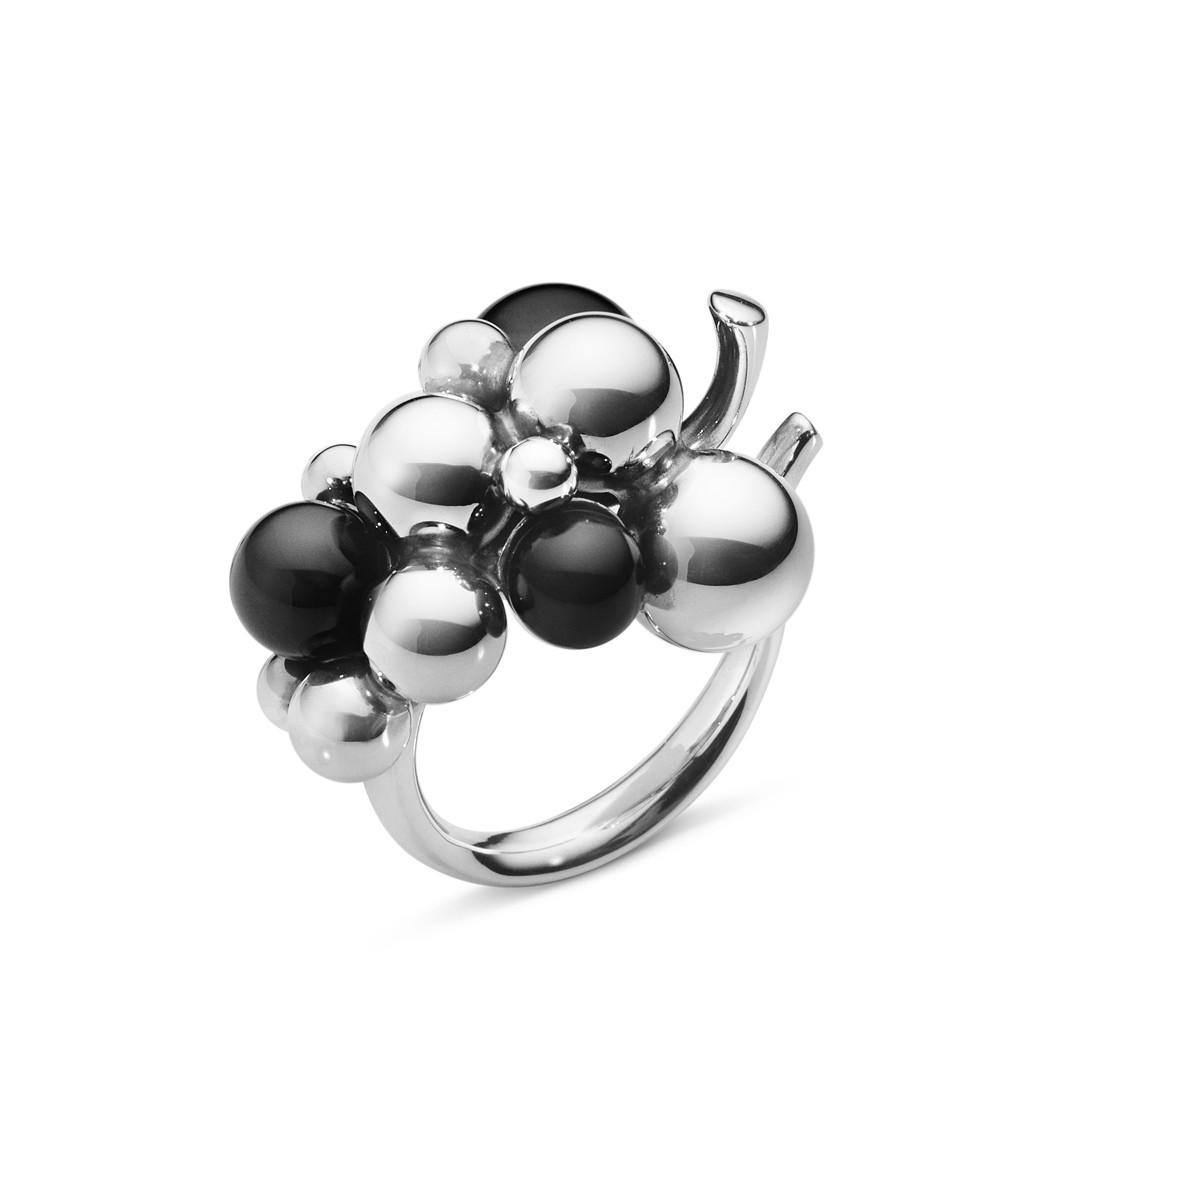 Georg Jensen Grape ring 551H - 10014391 Størrelse 58